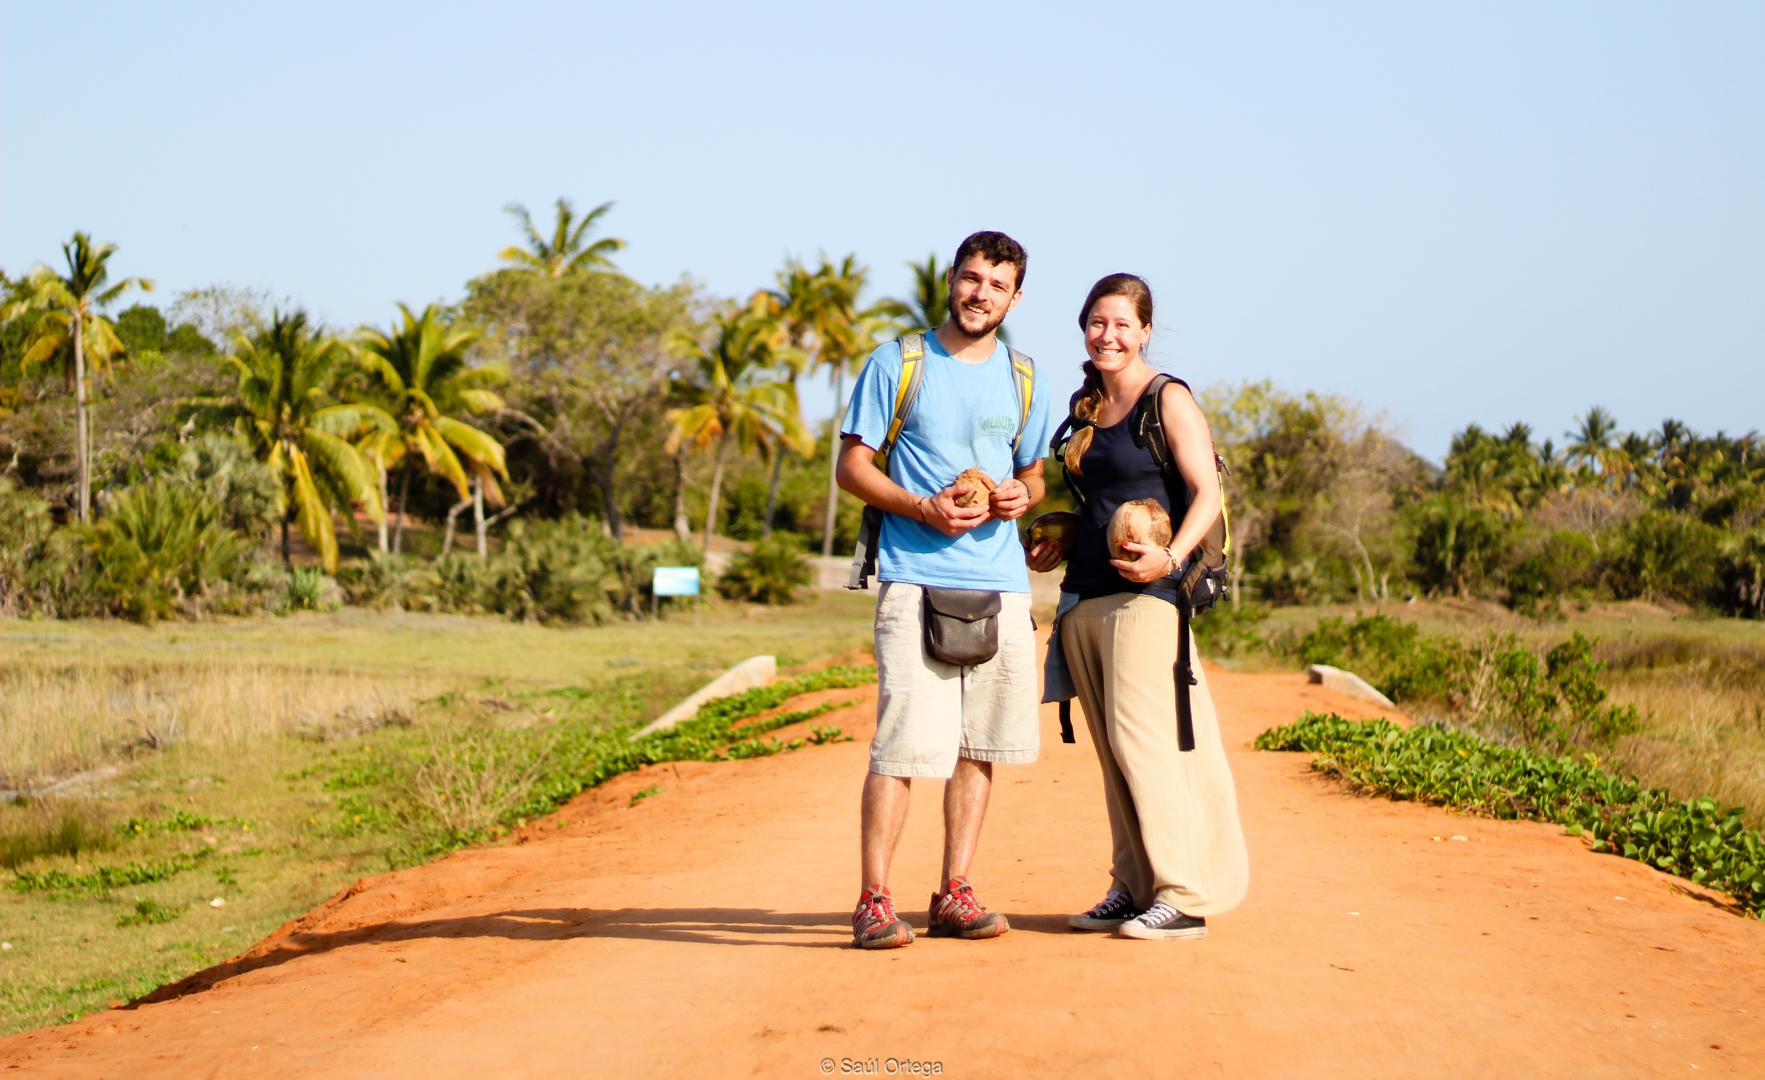 MIki y Ana camino del Ecolodge - Quissico (Mozambique)